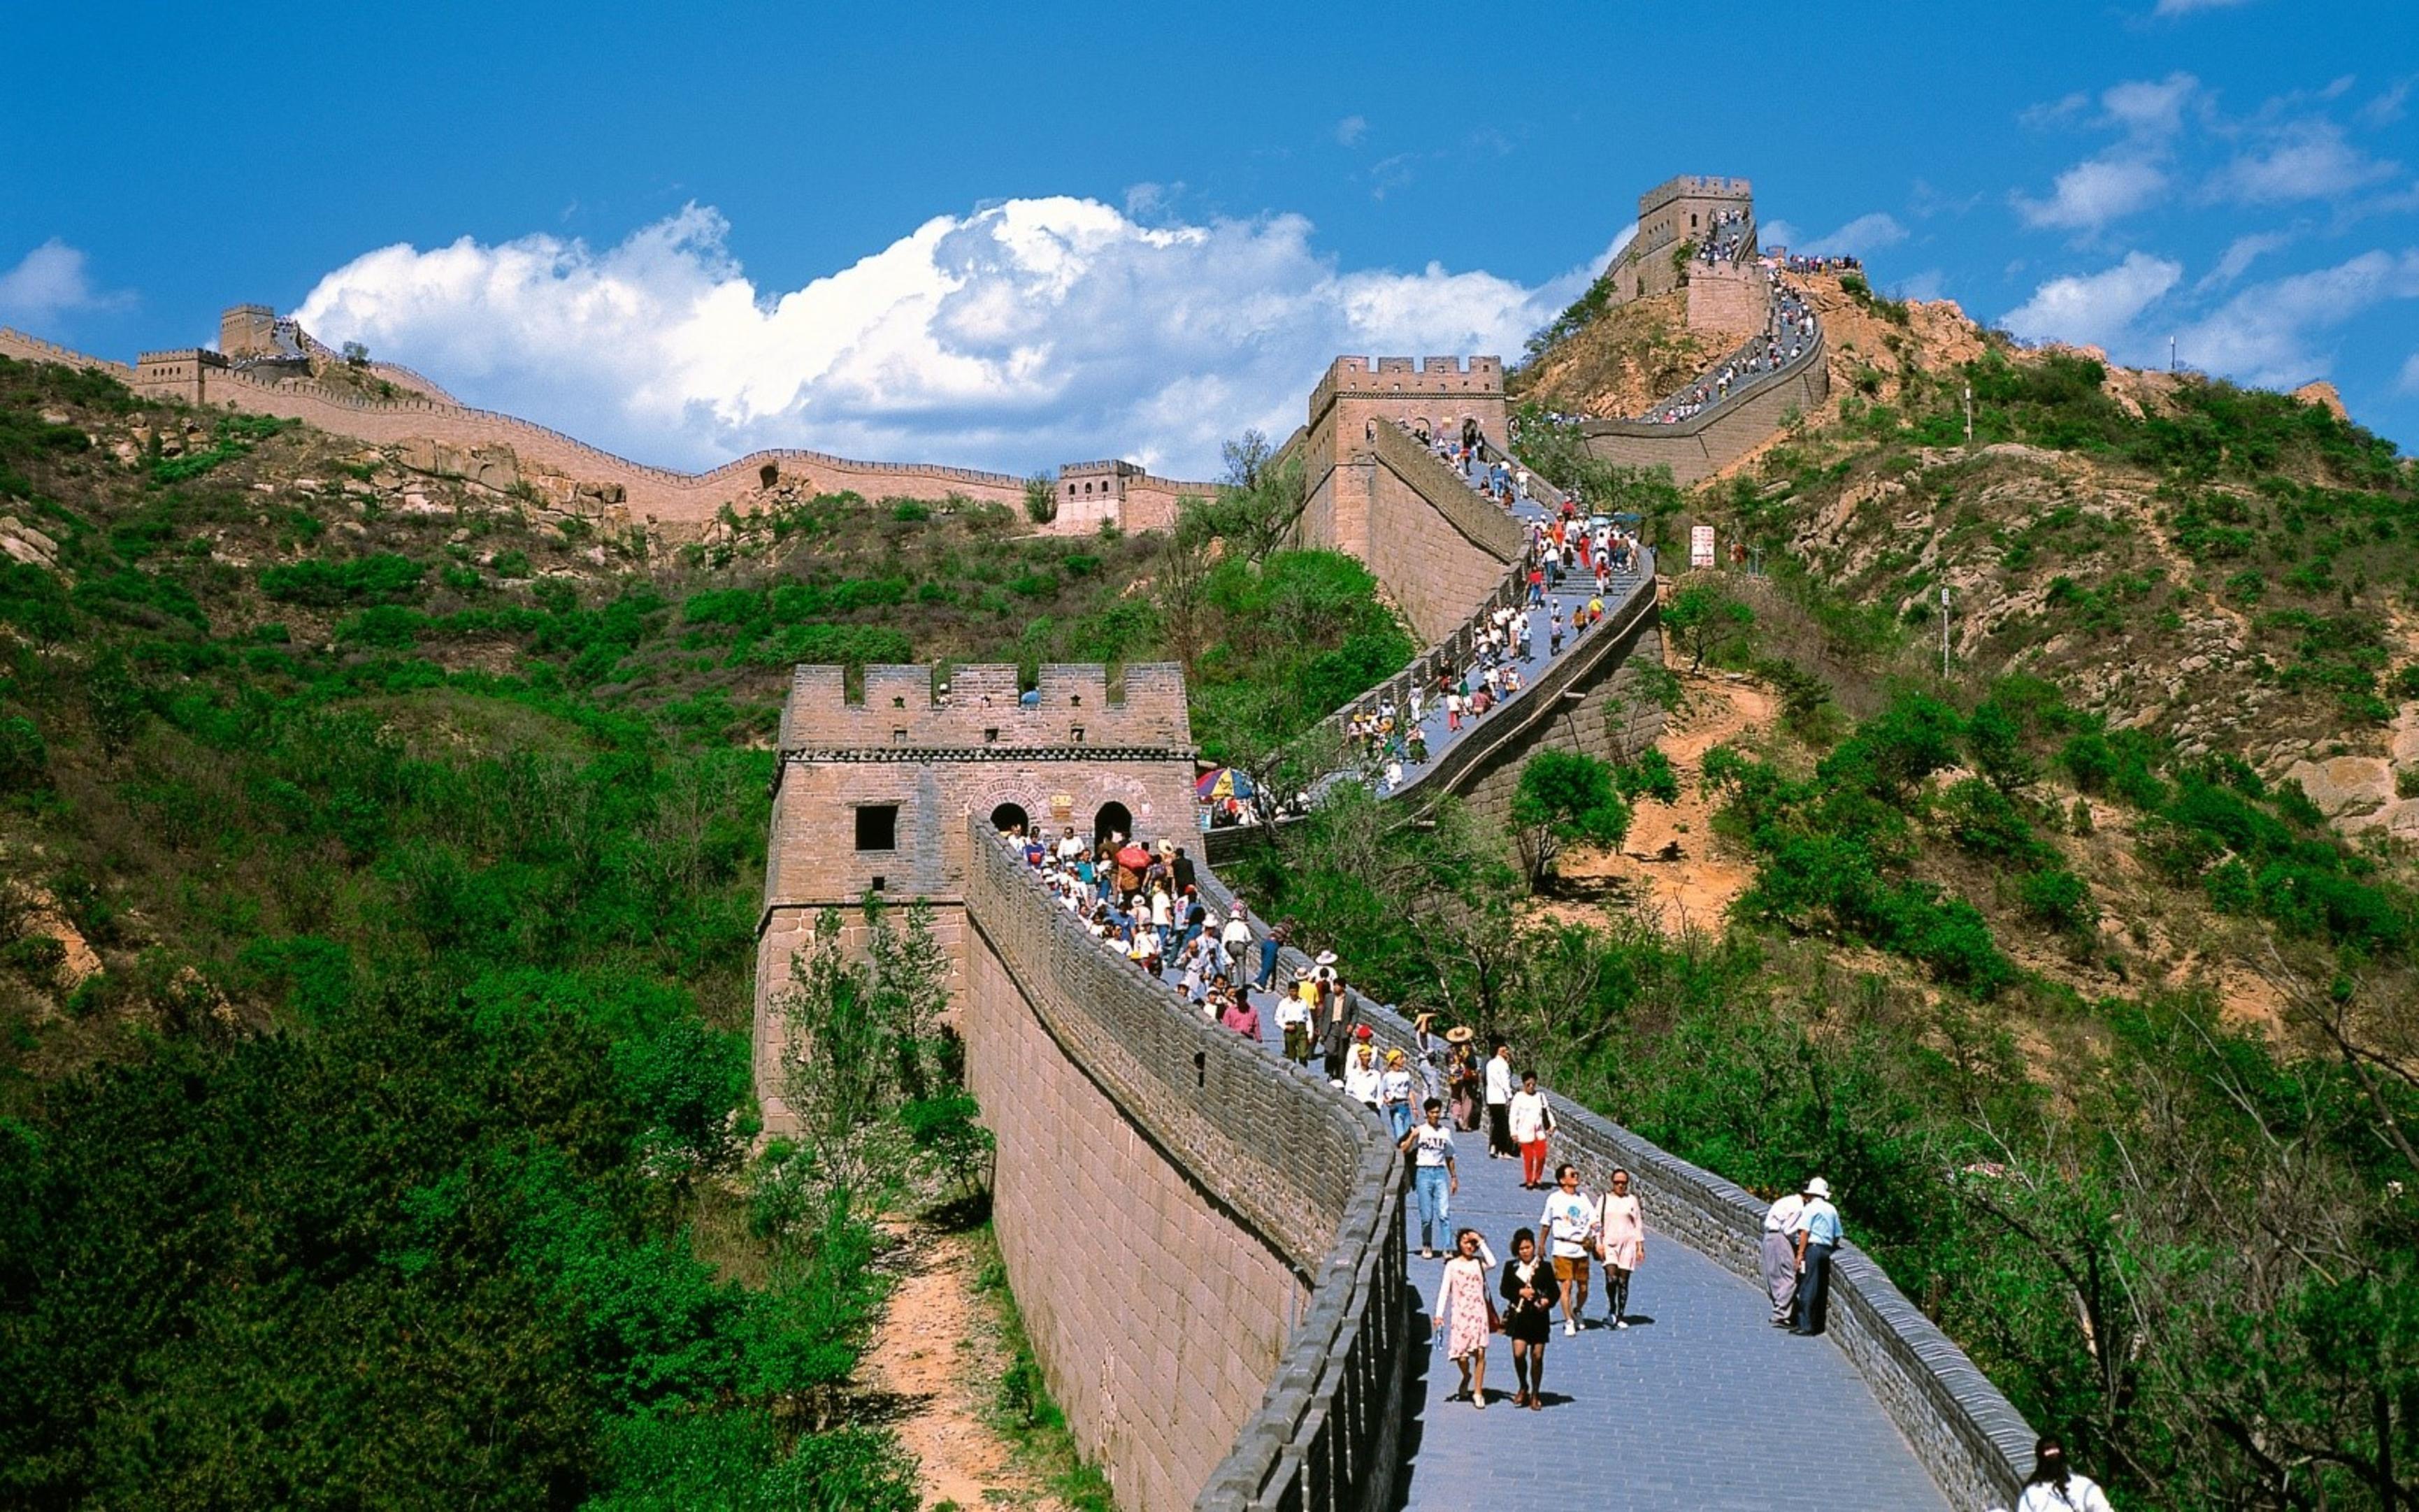 ทัวร์ปักกิ่ง กำแพงเมืองจีน  4 วัน 3 คืน